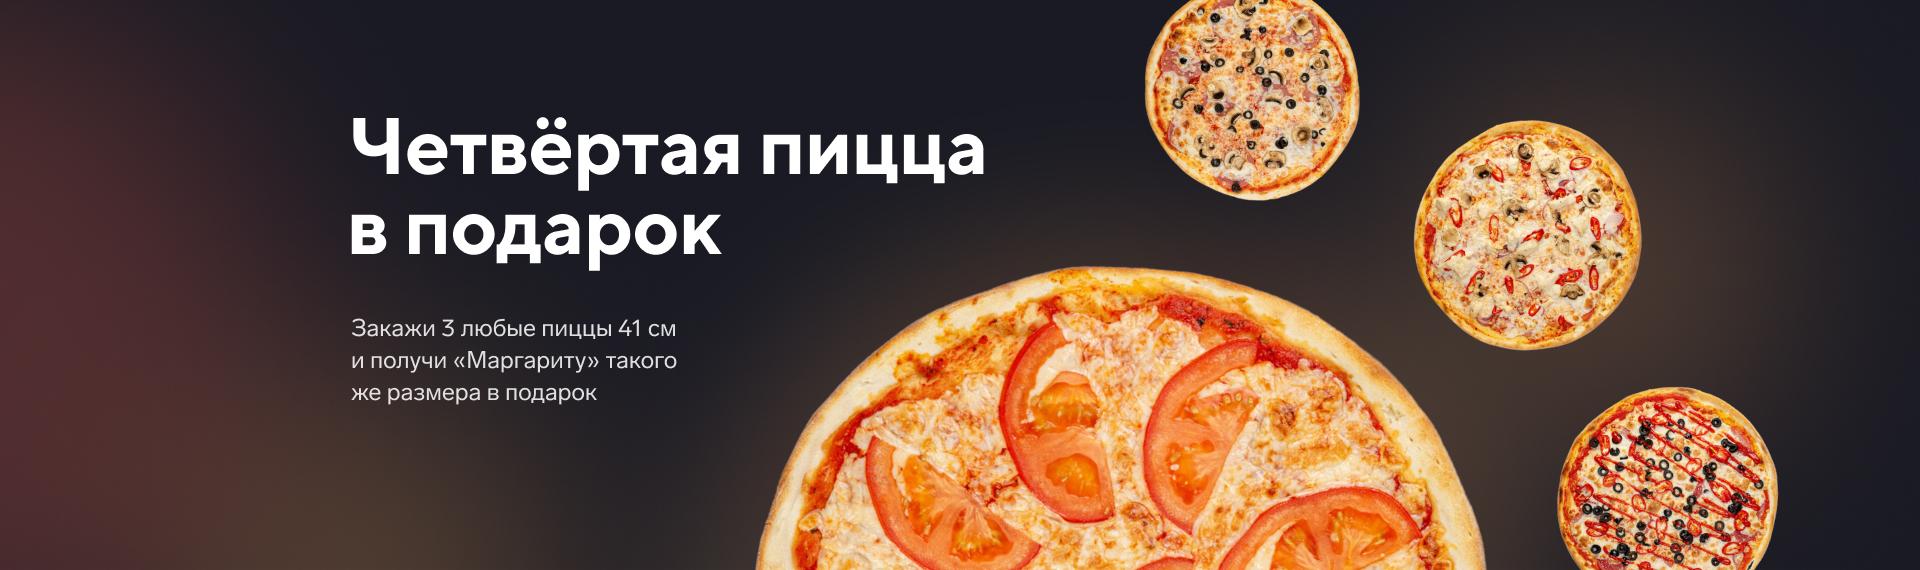 Четвёртая пицца в подарок